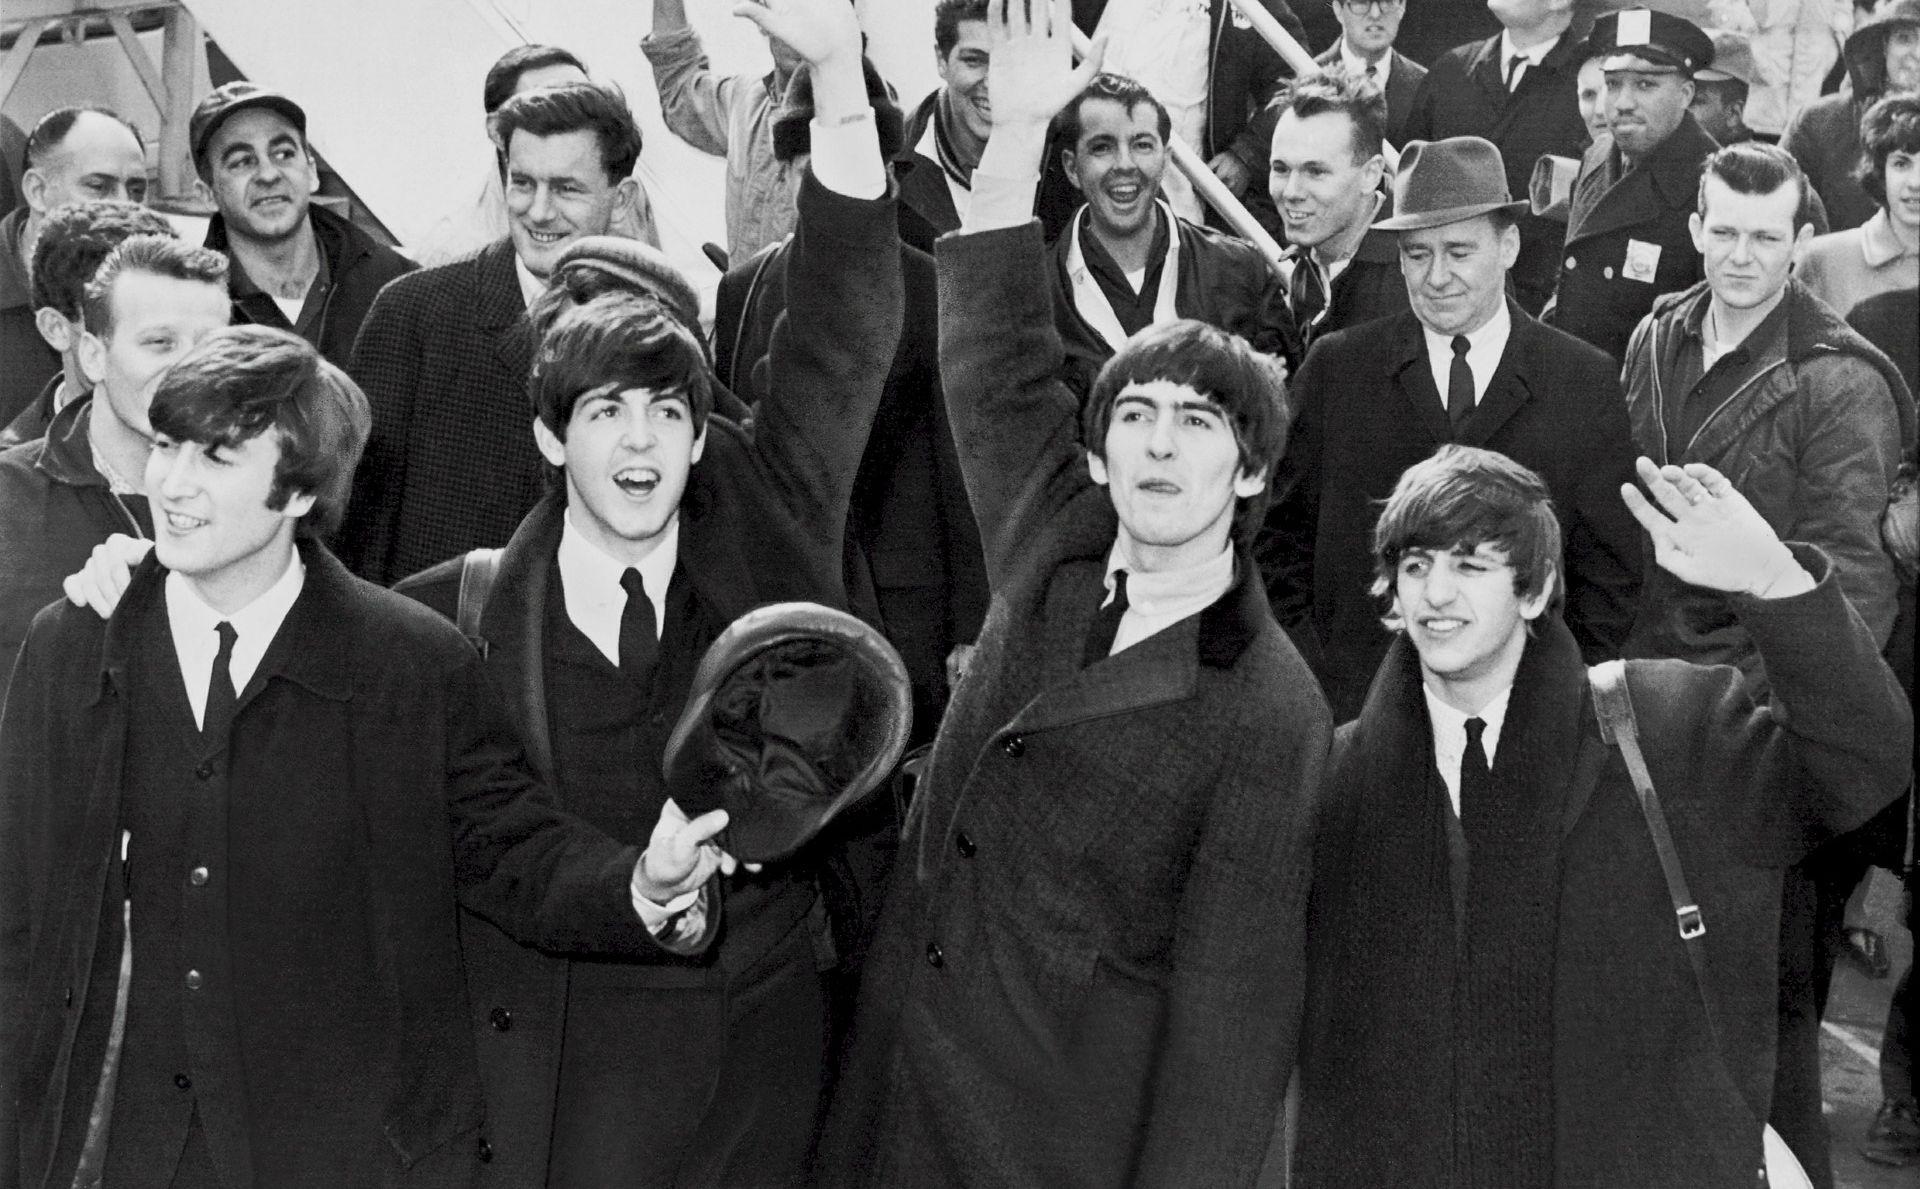 ZABORAVLJENO BLAGO Pronađena originalna snimka Beatlesa iz 1962., 50 godina ležala u ladici